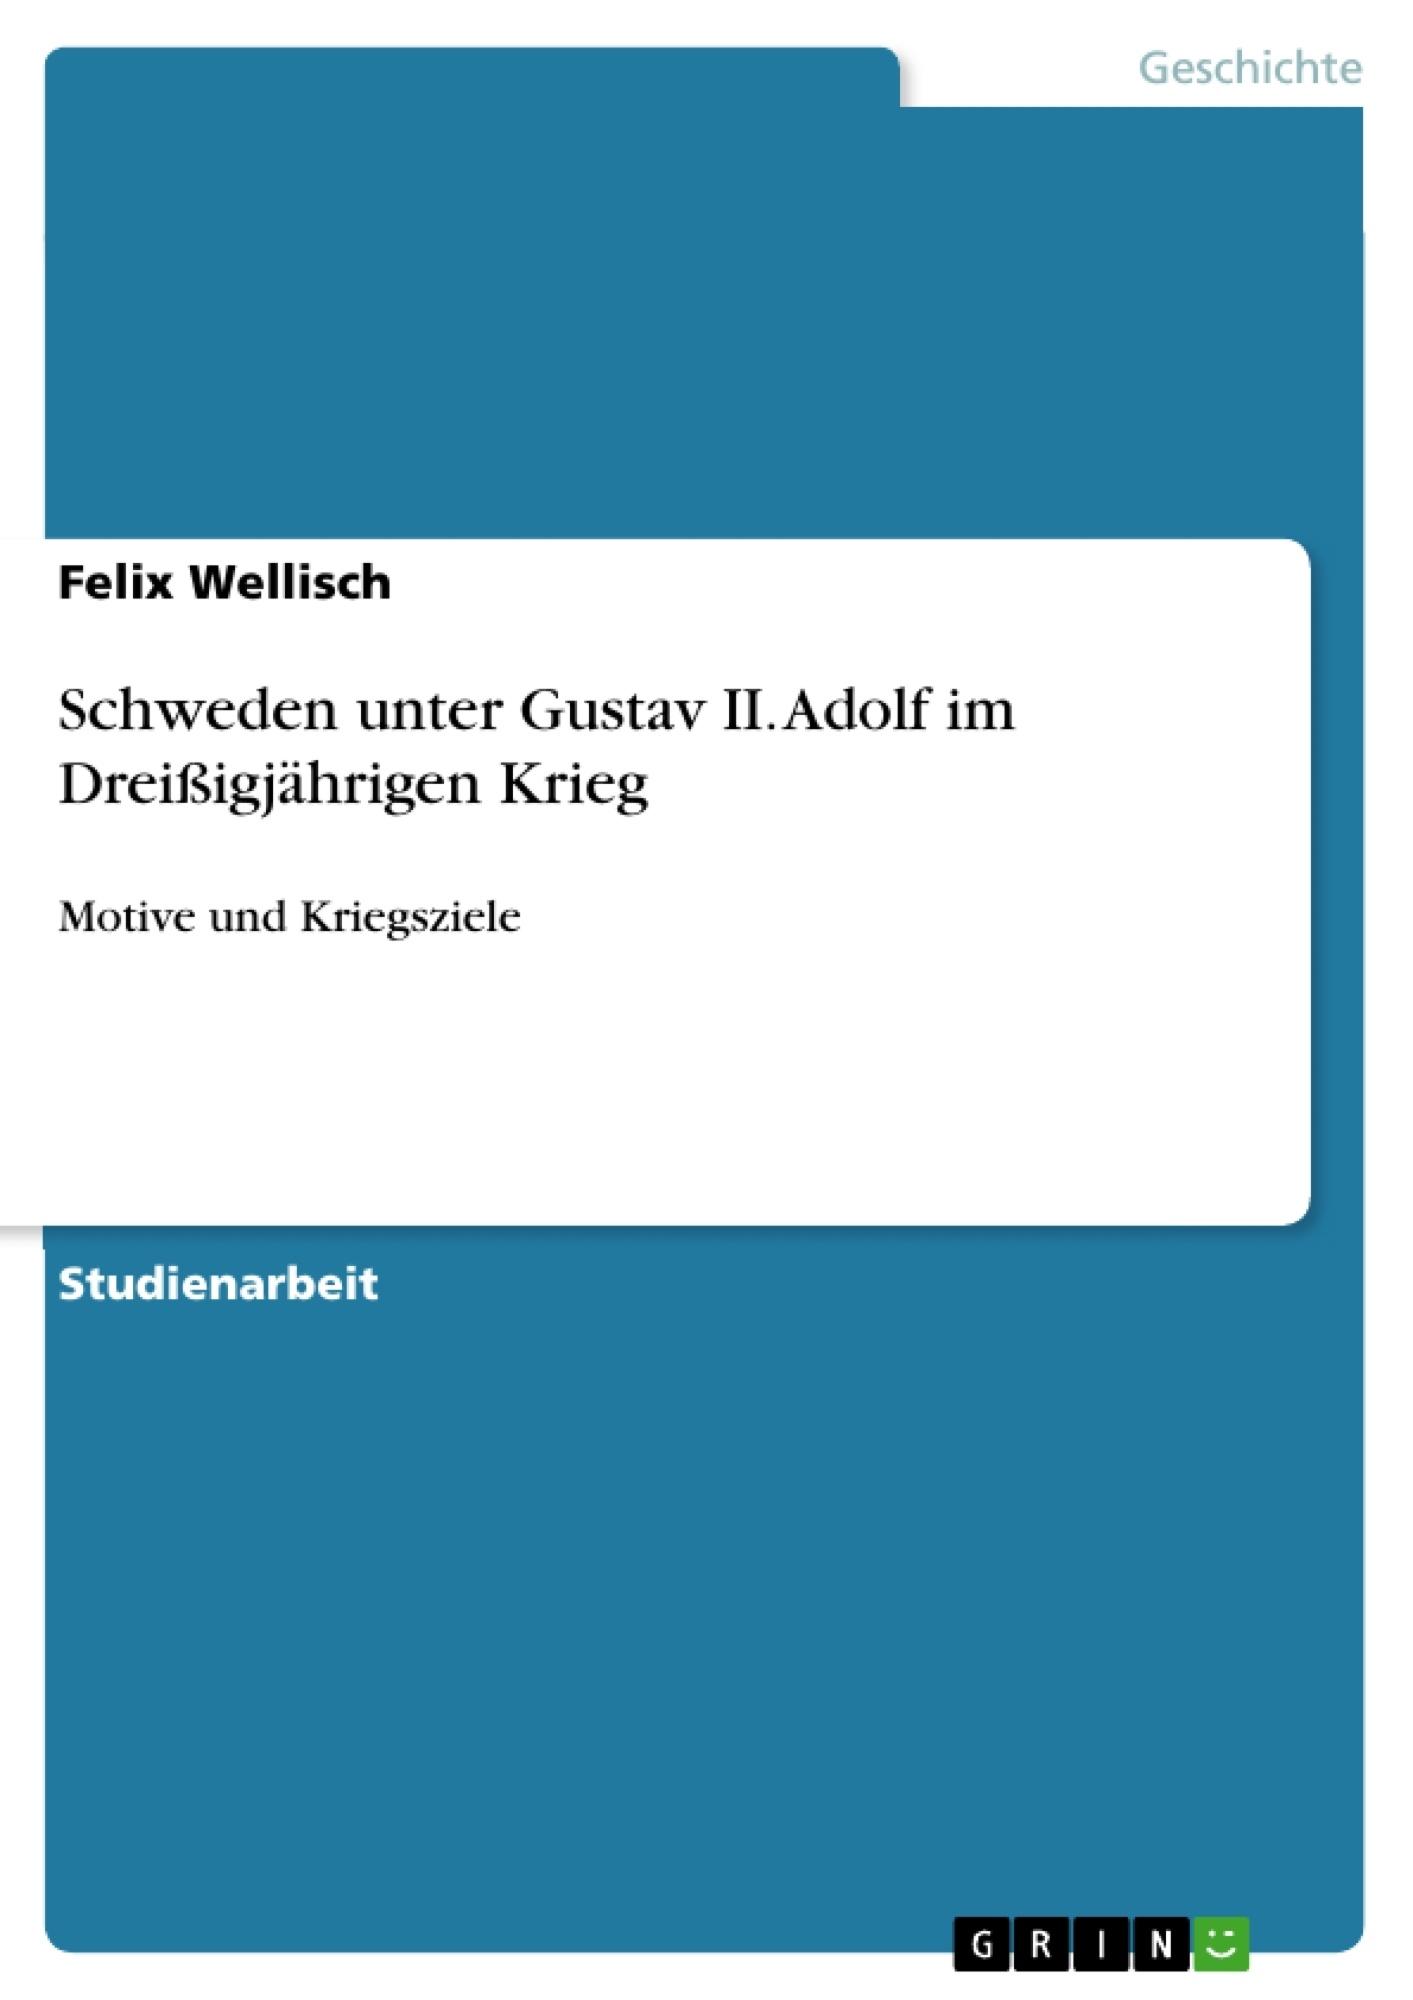 Titel: Schweden unter Gustav II. Adolf im Dreißigjährigen Krieg